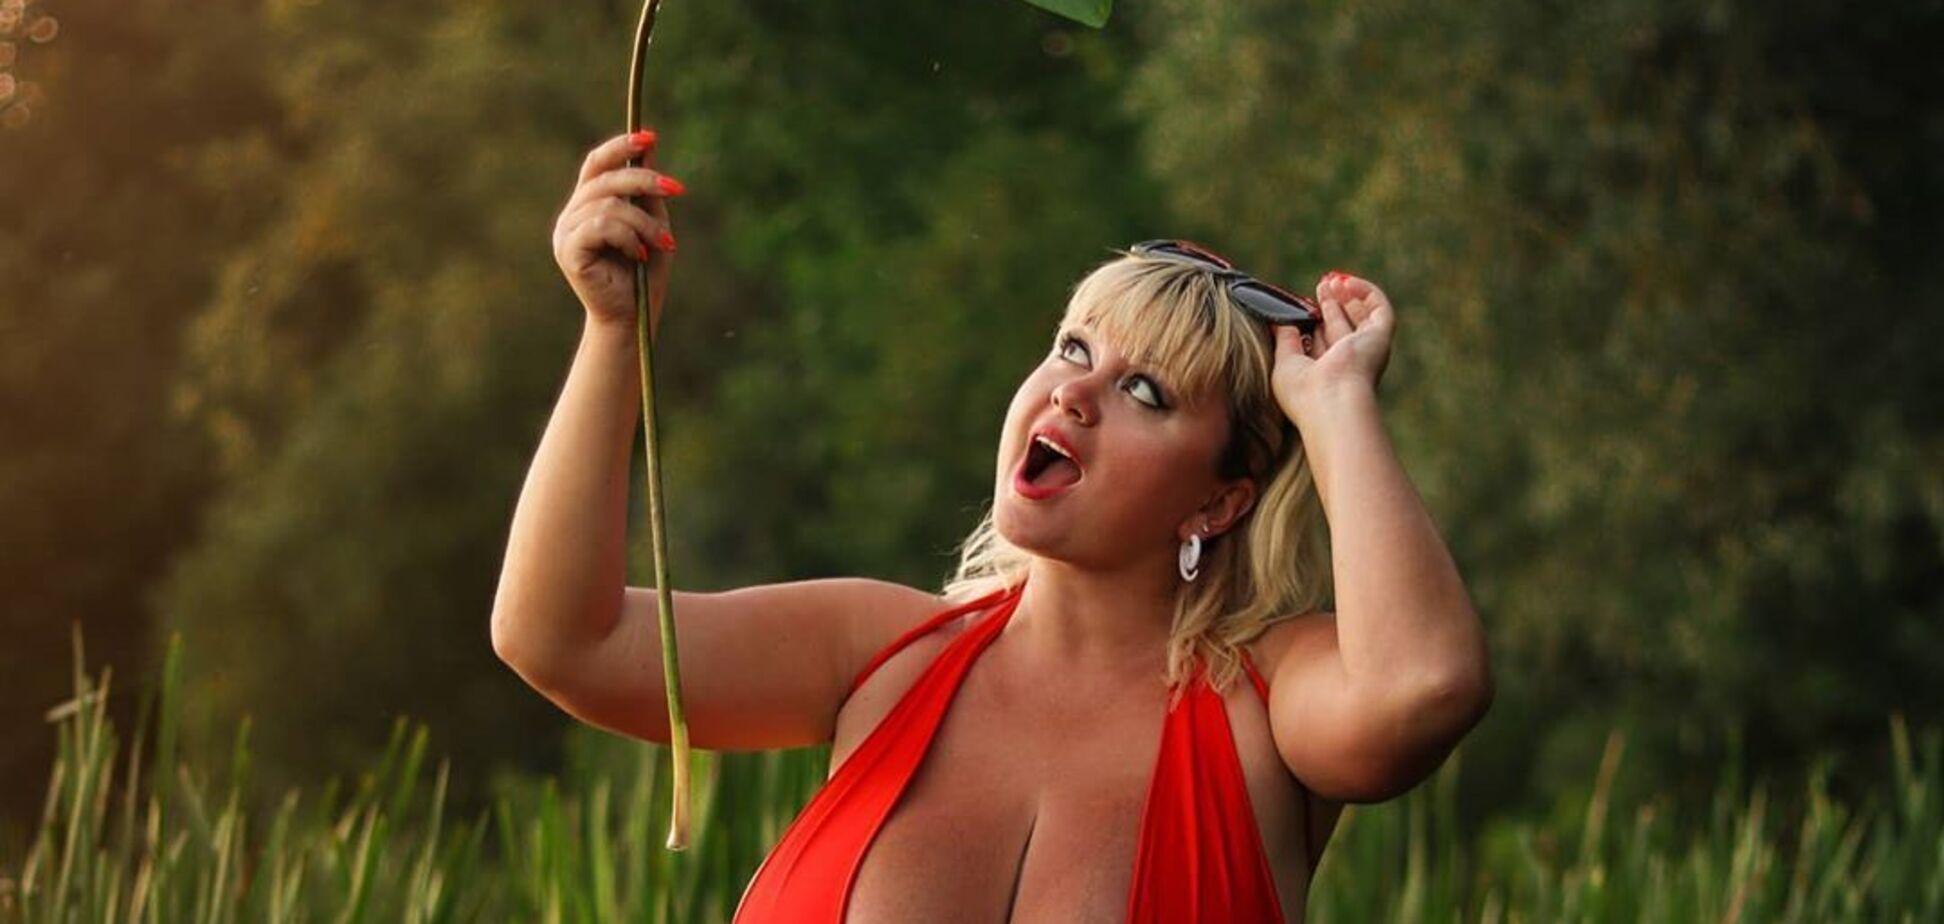 Українка з найбільшими грудьми знялася в образі рятівниці Малібу